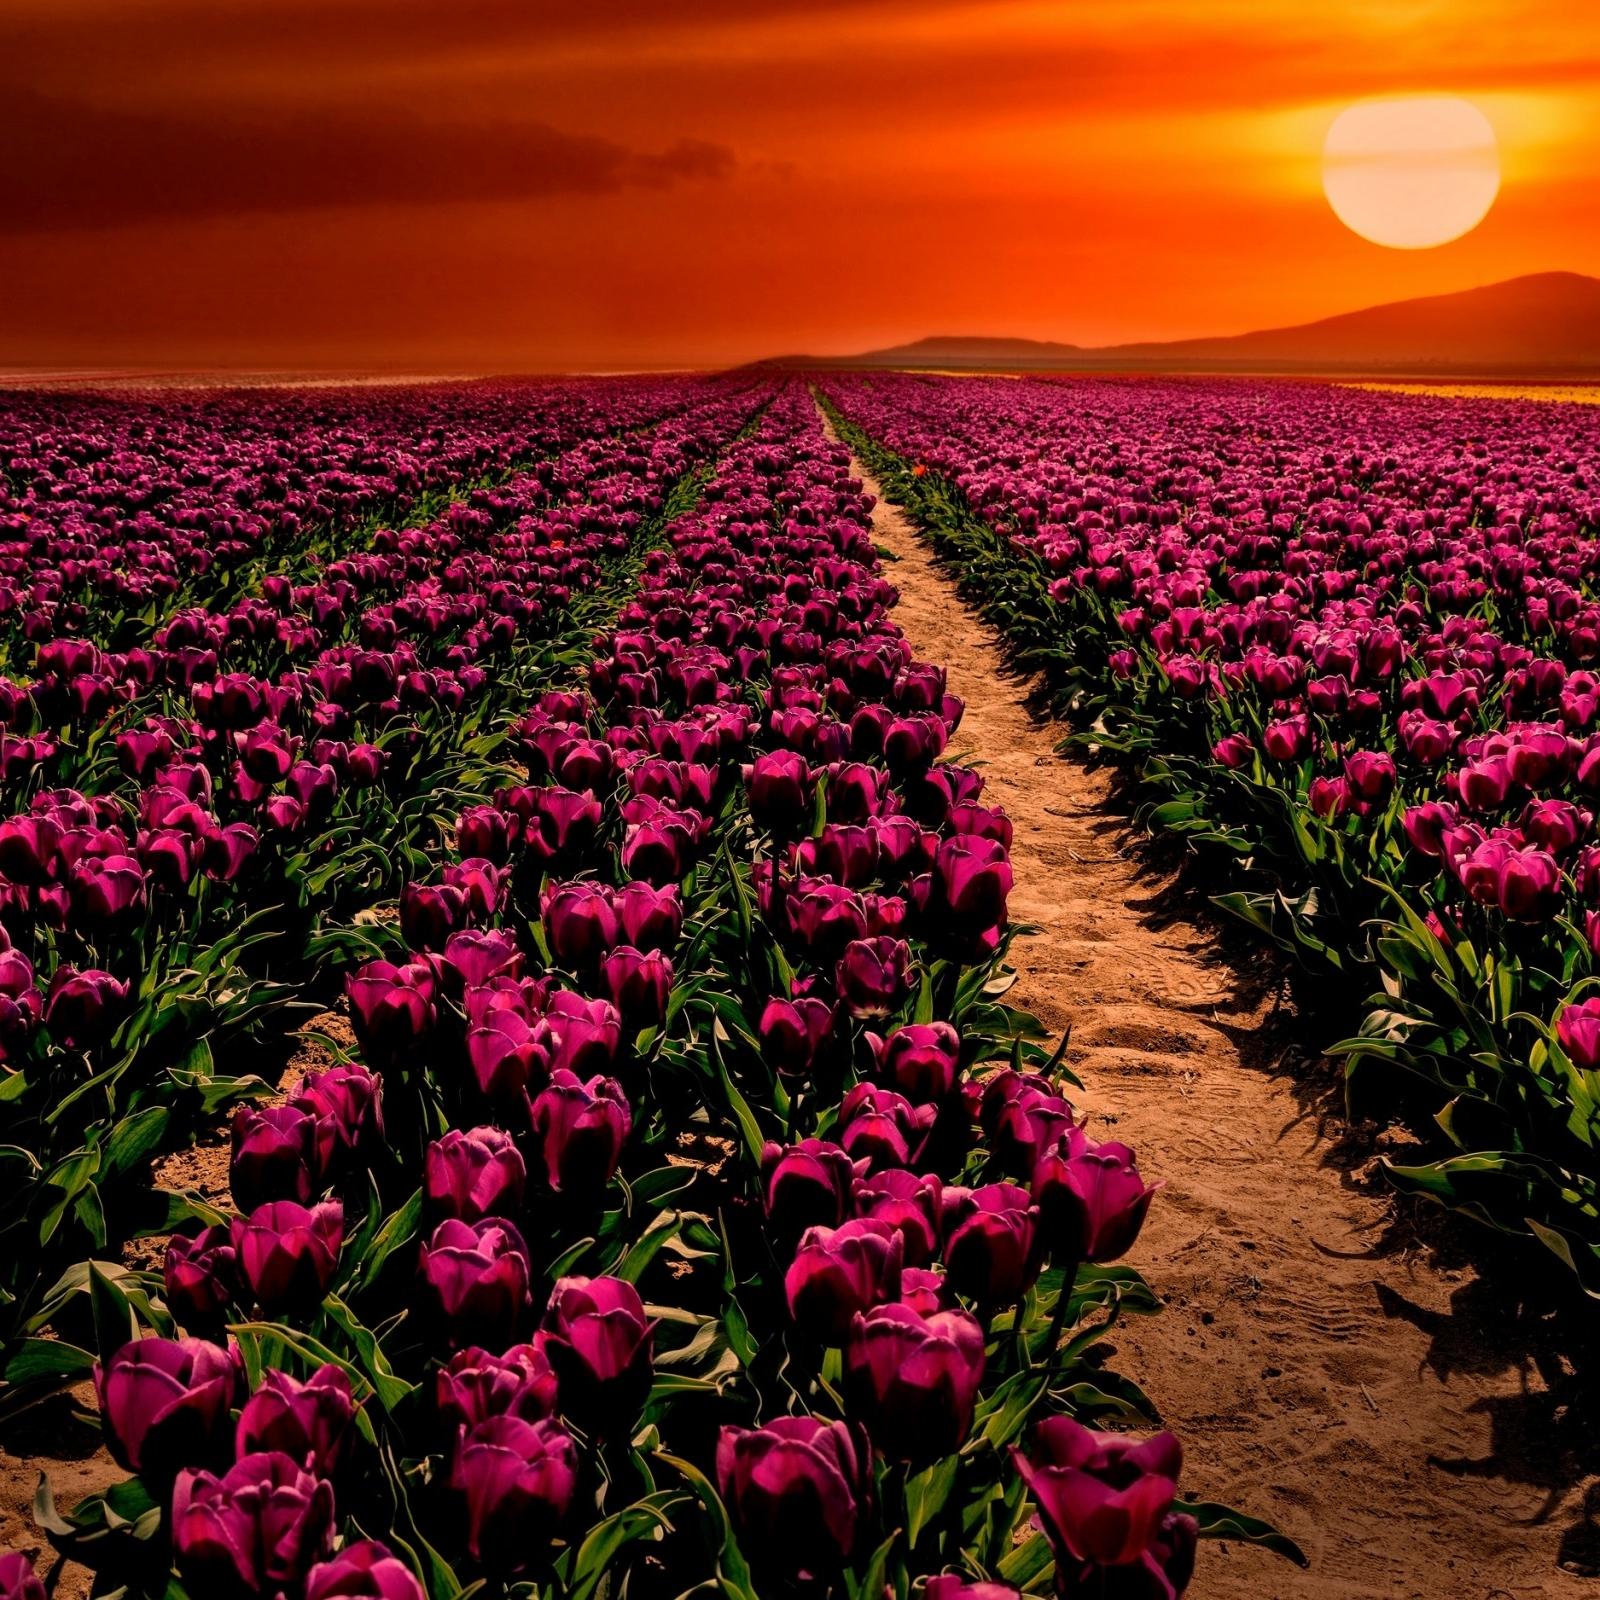 тюльпаны поле розовые закат скачать